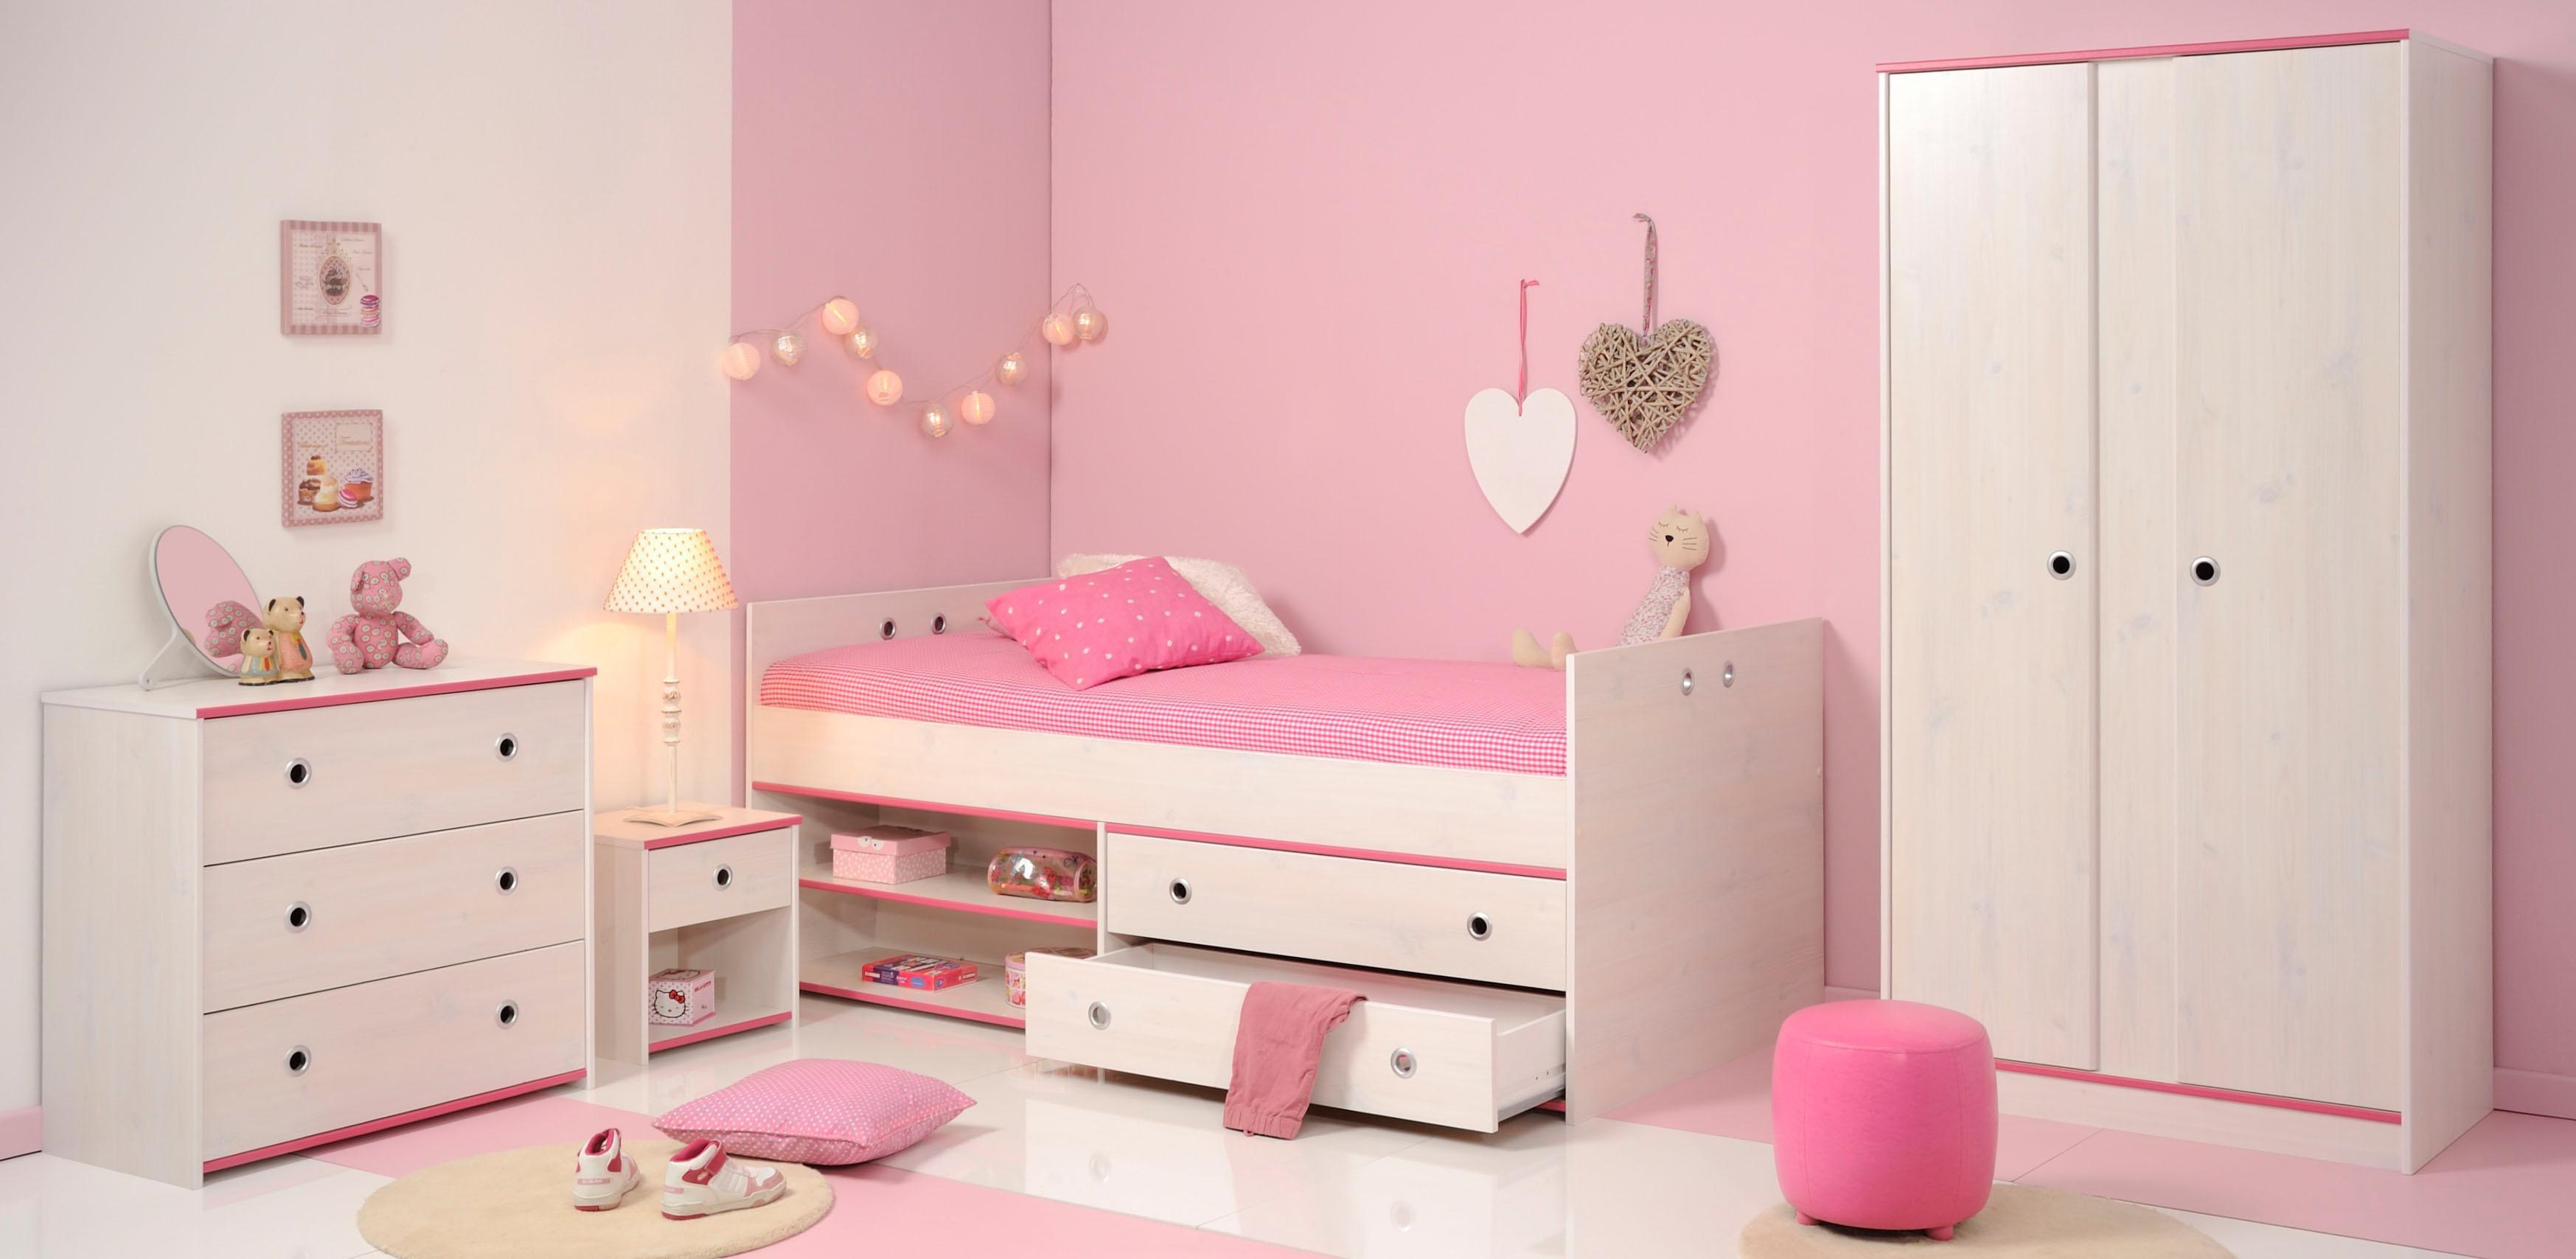 Parisot Jugendzimmer-Set Smoozy (Set 4-tlg) | Kinderzimmer > Jugendzimmer > Komplett-Jugendzimmer | Weiß | Parisot